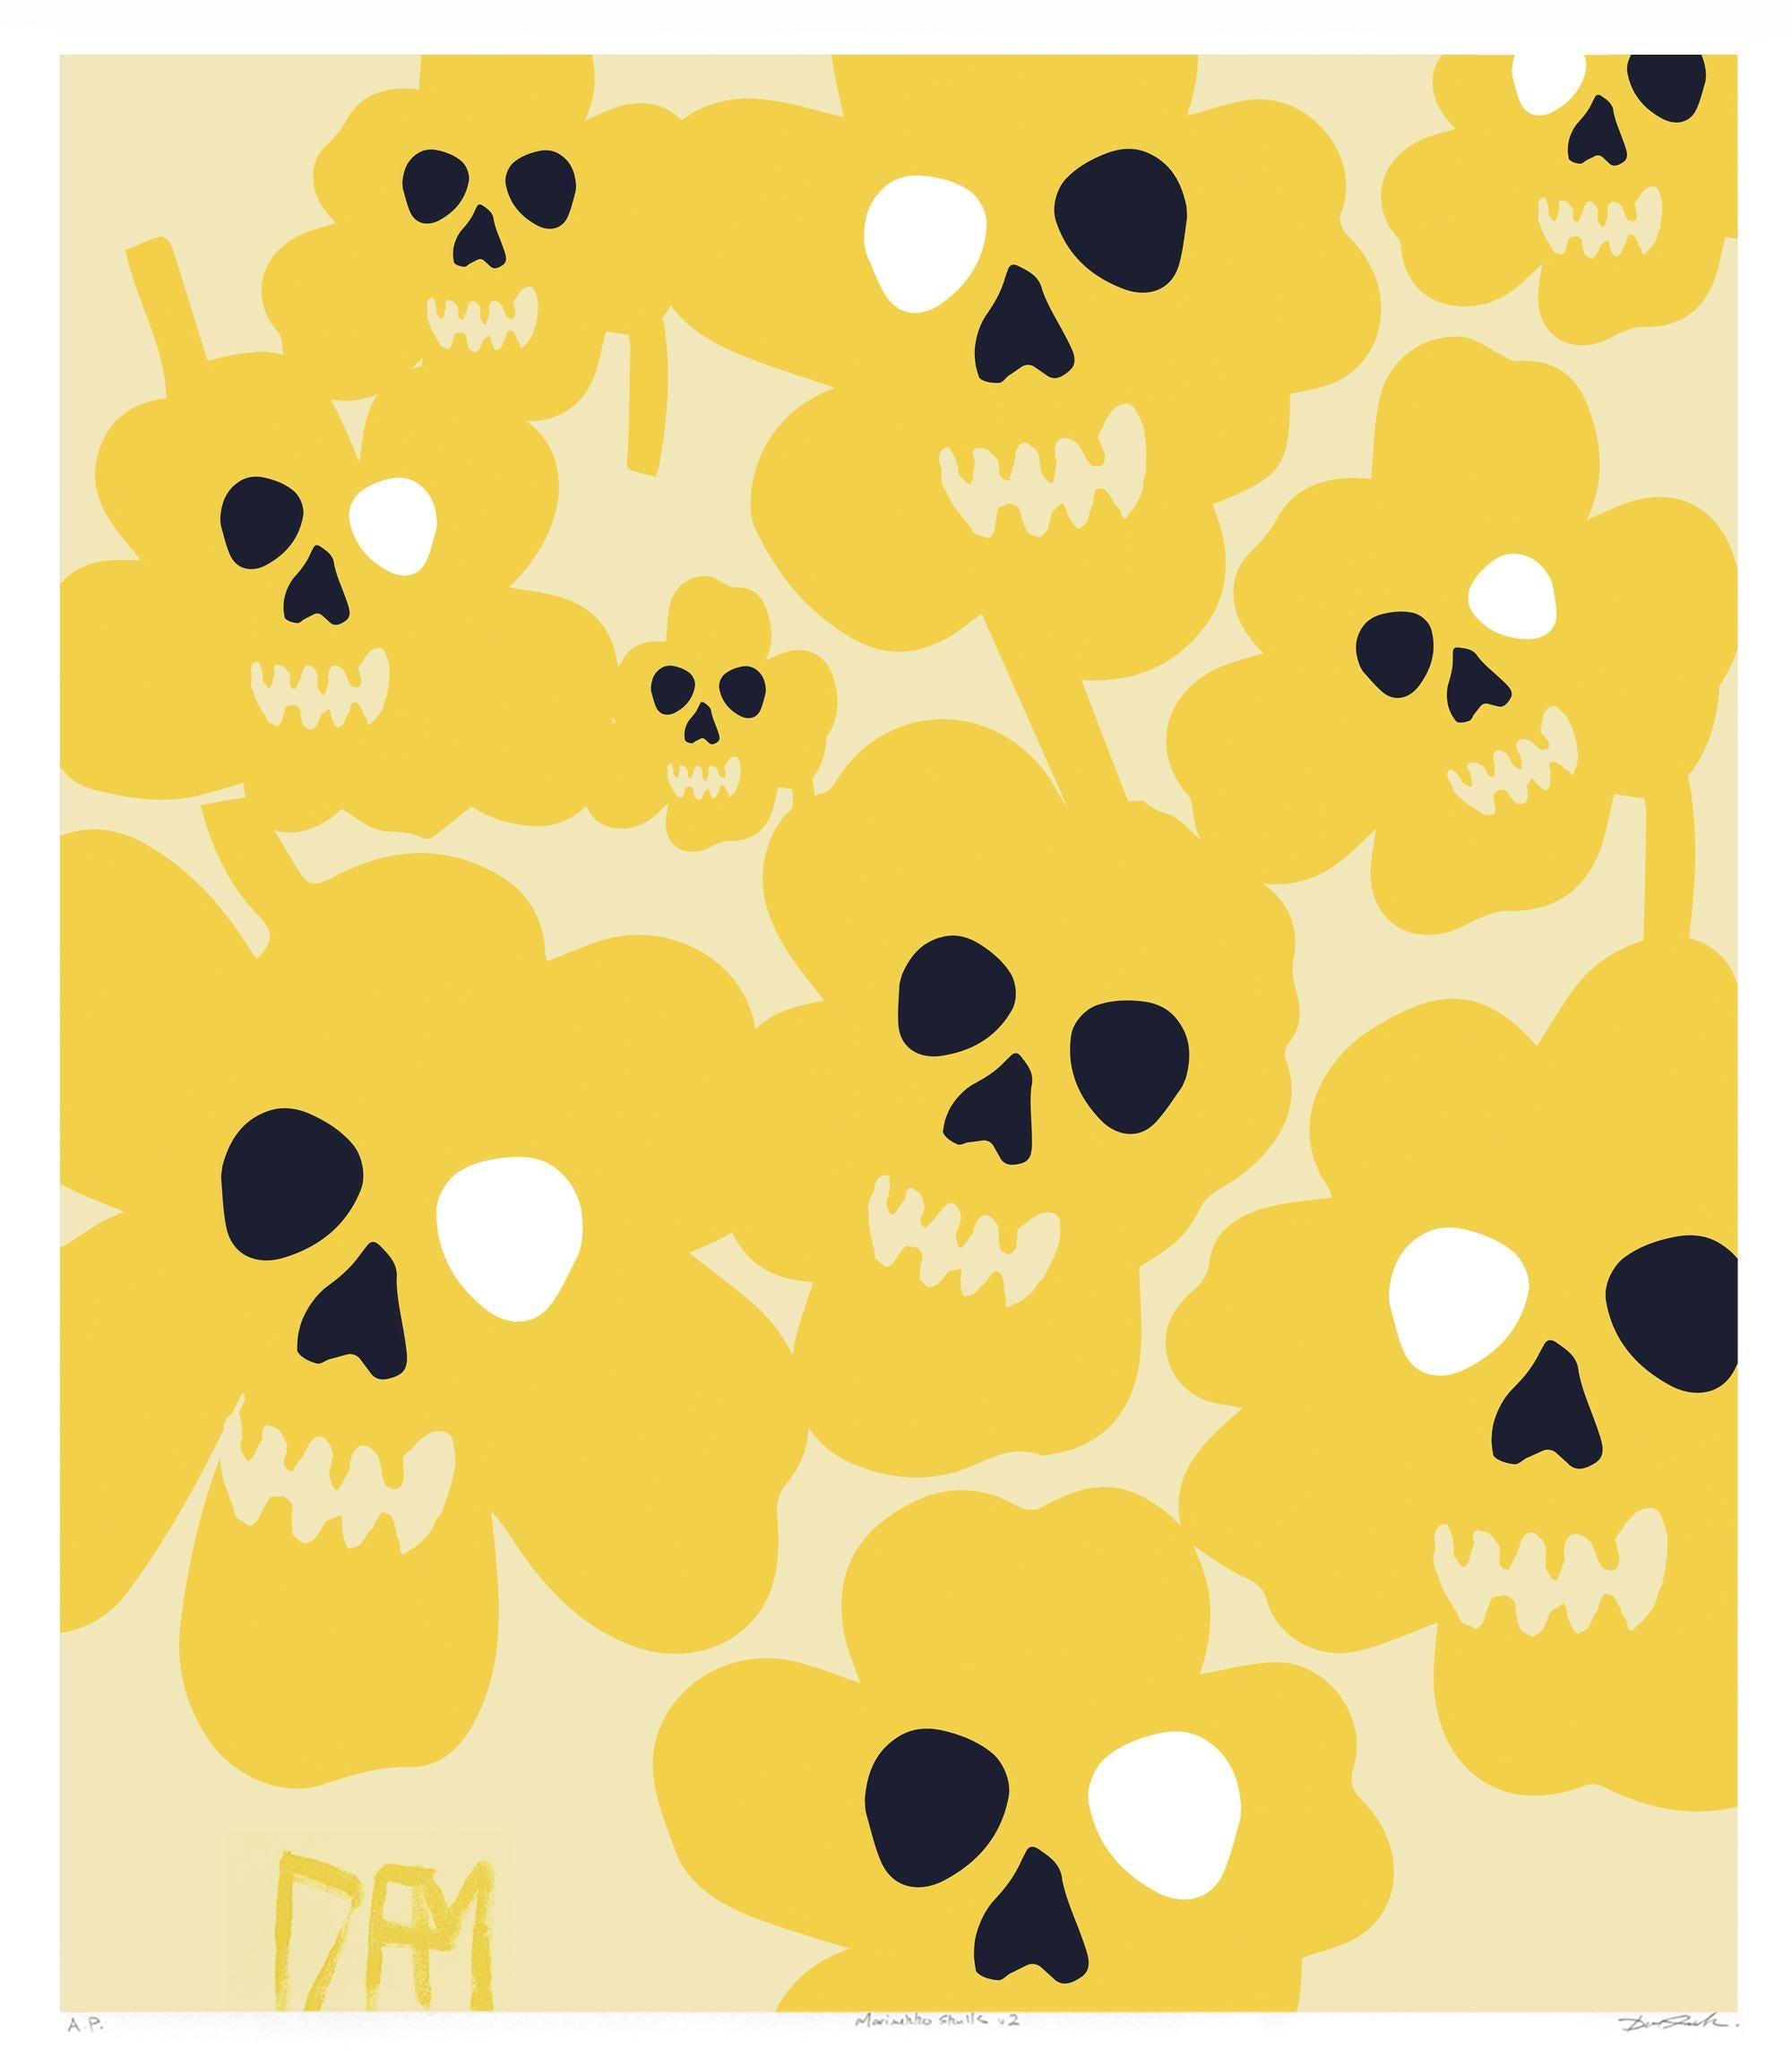 Marimekko flower skulls - street art pop art yellow abstract print